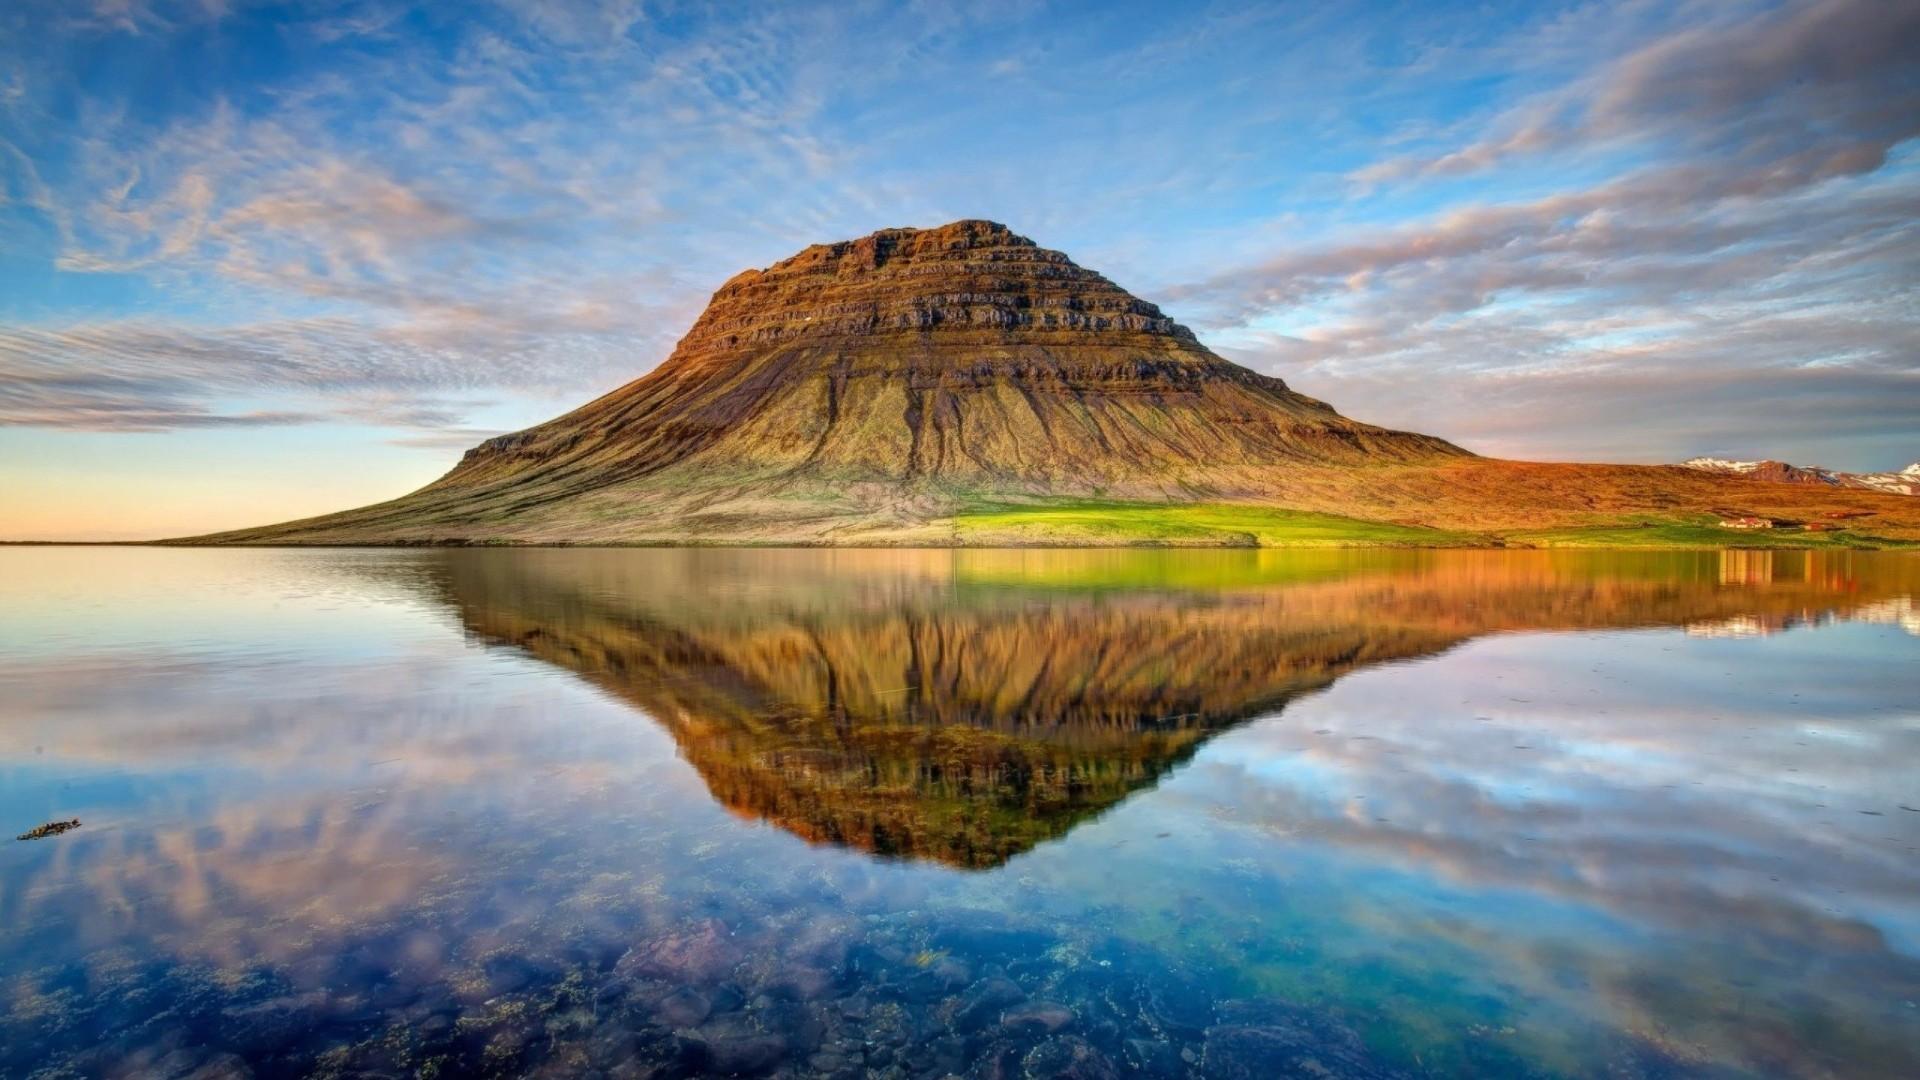 Iceland Landscape Beautiful Scenery Wallpaper